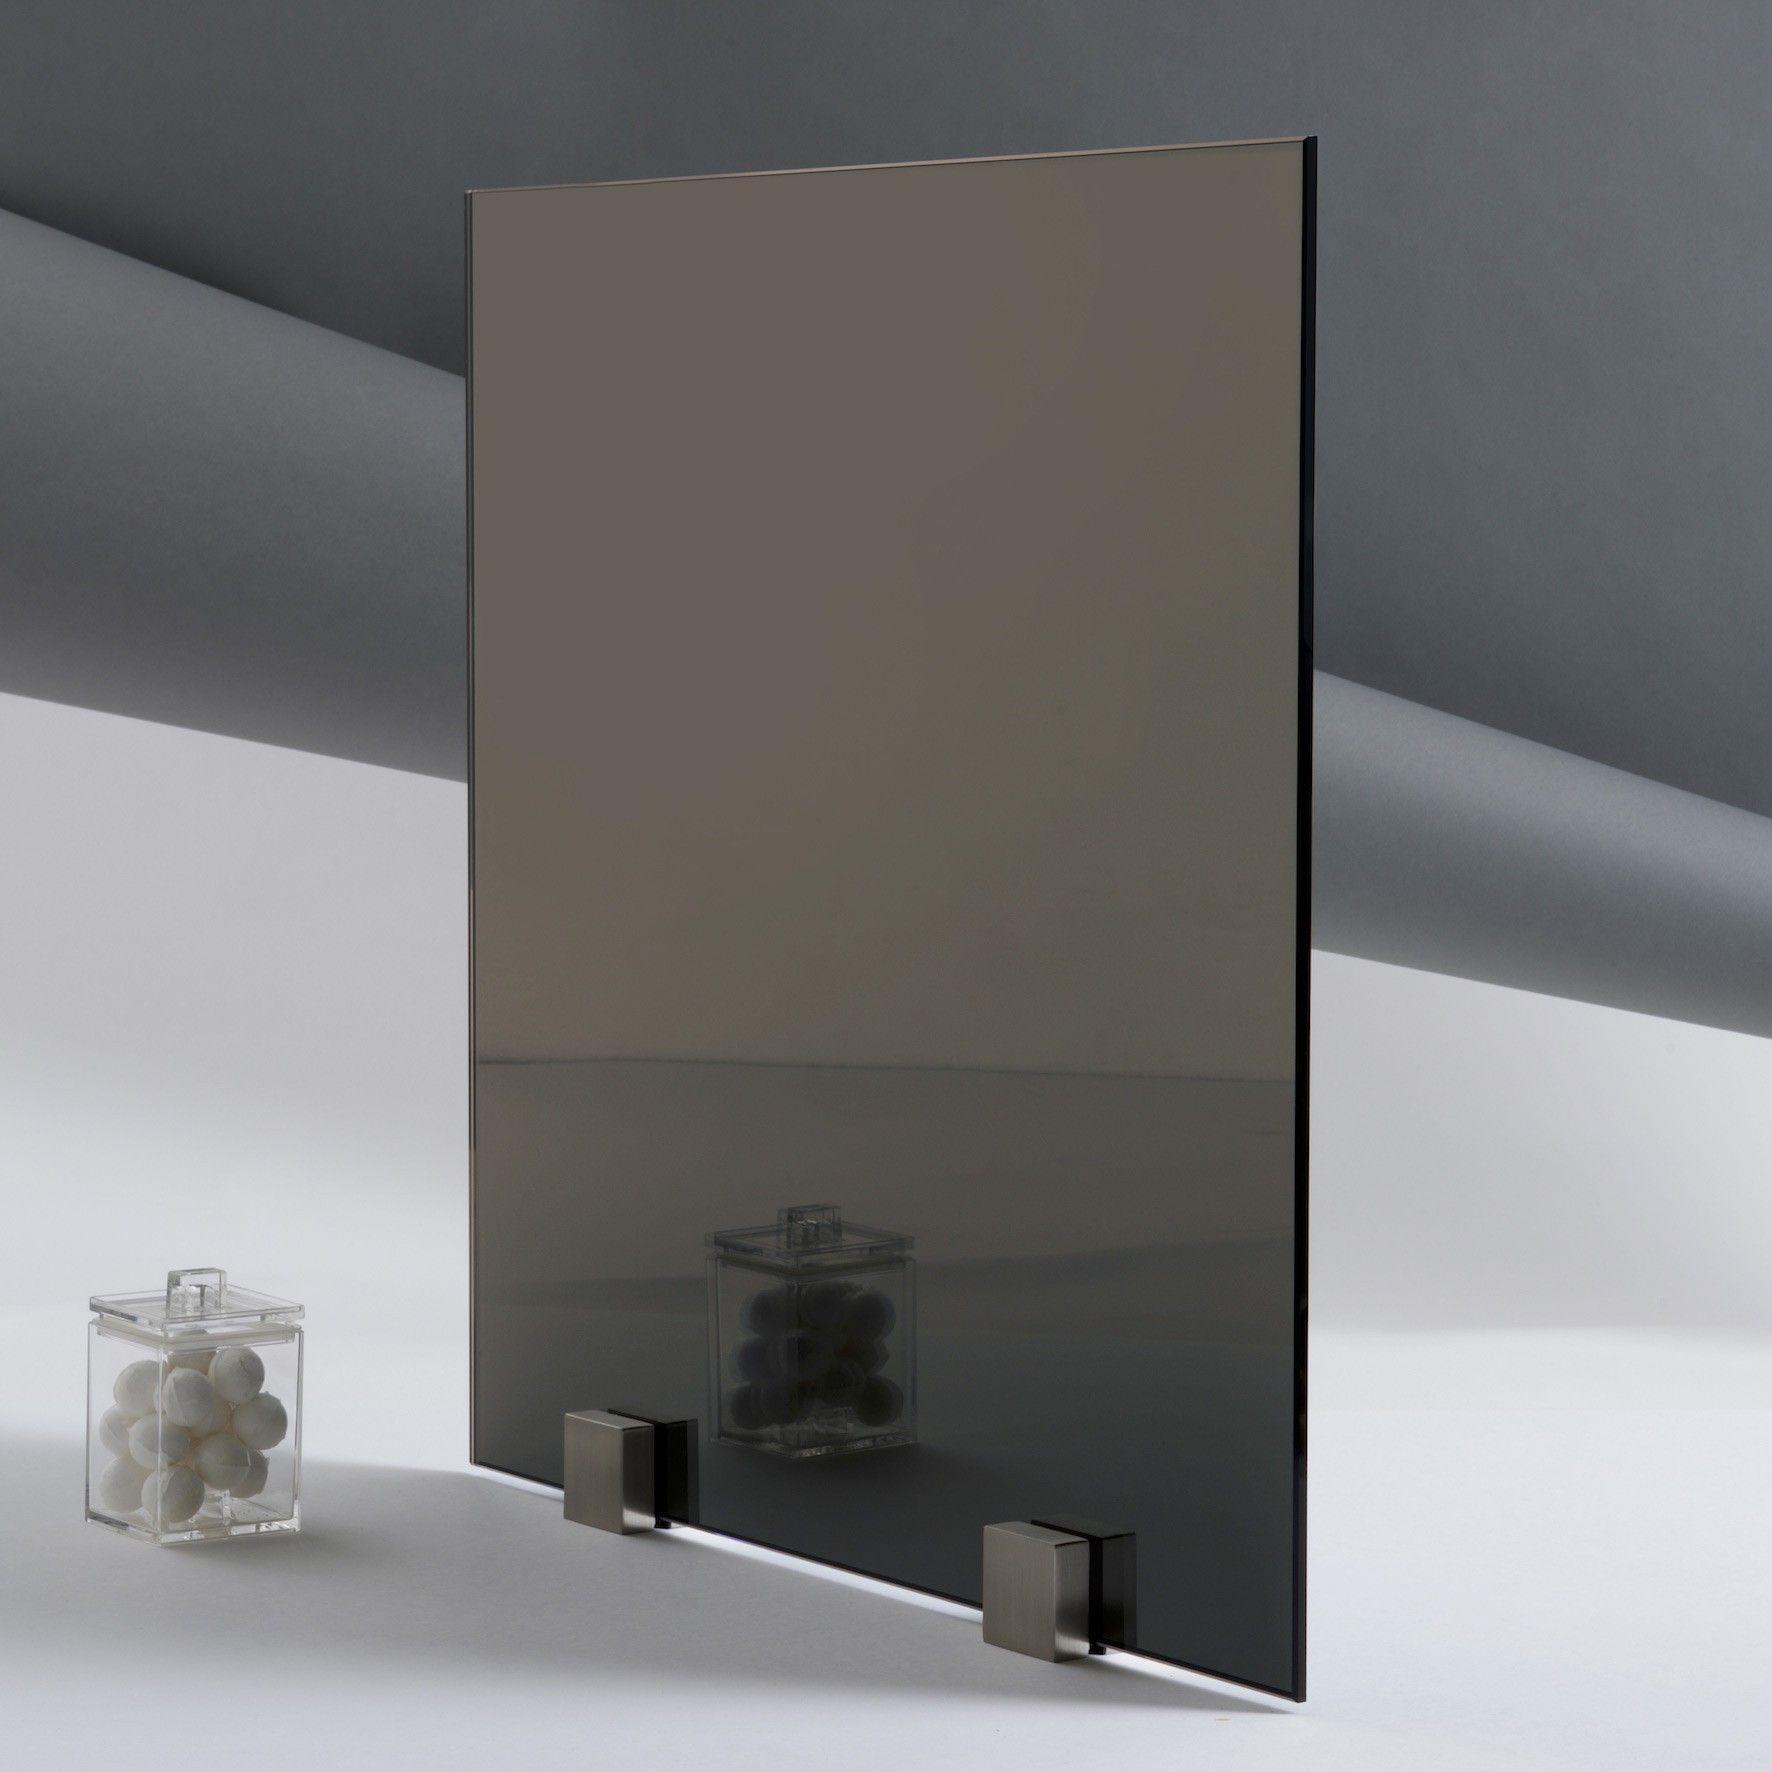 Miroir sans tain espion paisseur 6 mm for Miroir et verre concept